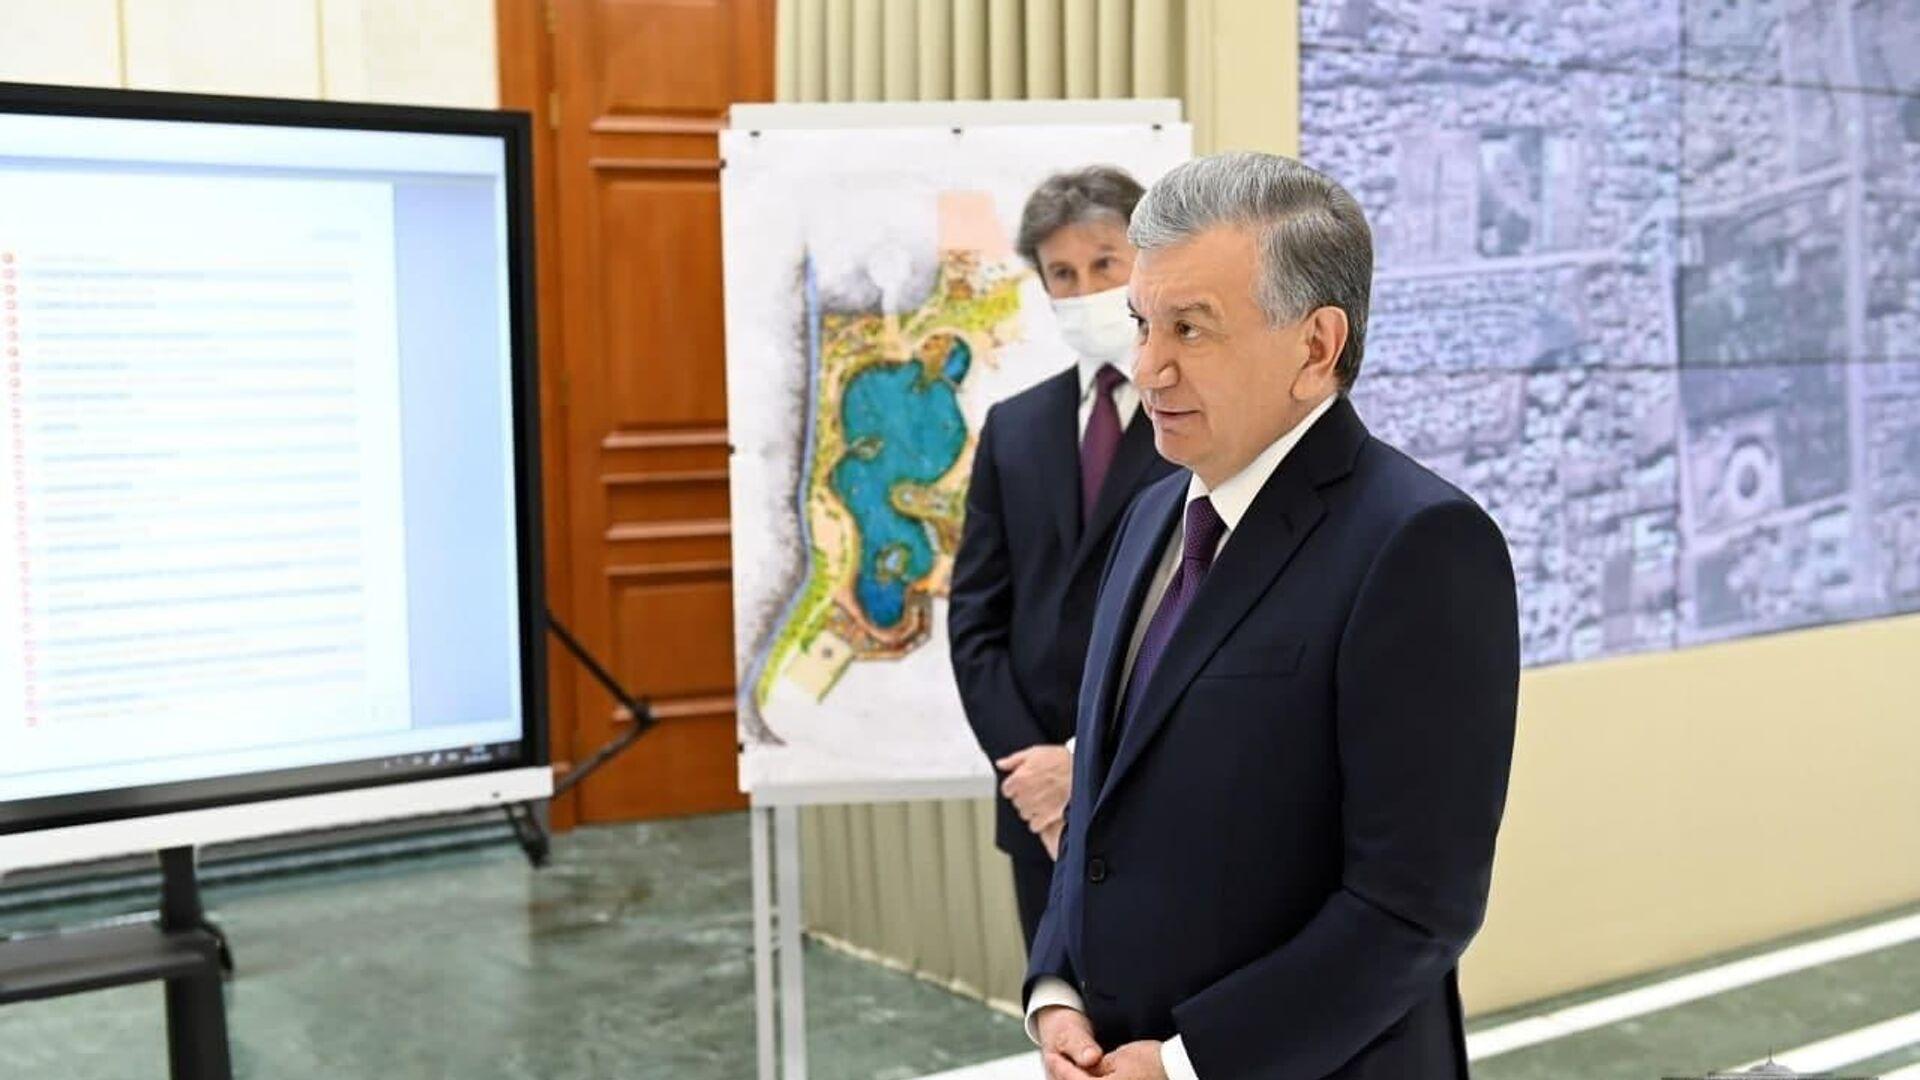 Shavkat Mirziyoyev oznakomilsya s planom rekonstruktsii mazvoleya Alisher Navoiy v Afganistane - Sputnik Oʻzbekiston, 1920, 05.07.2021